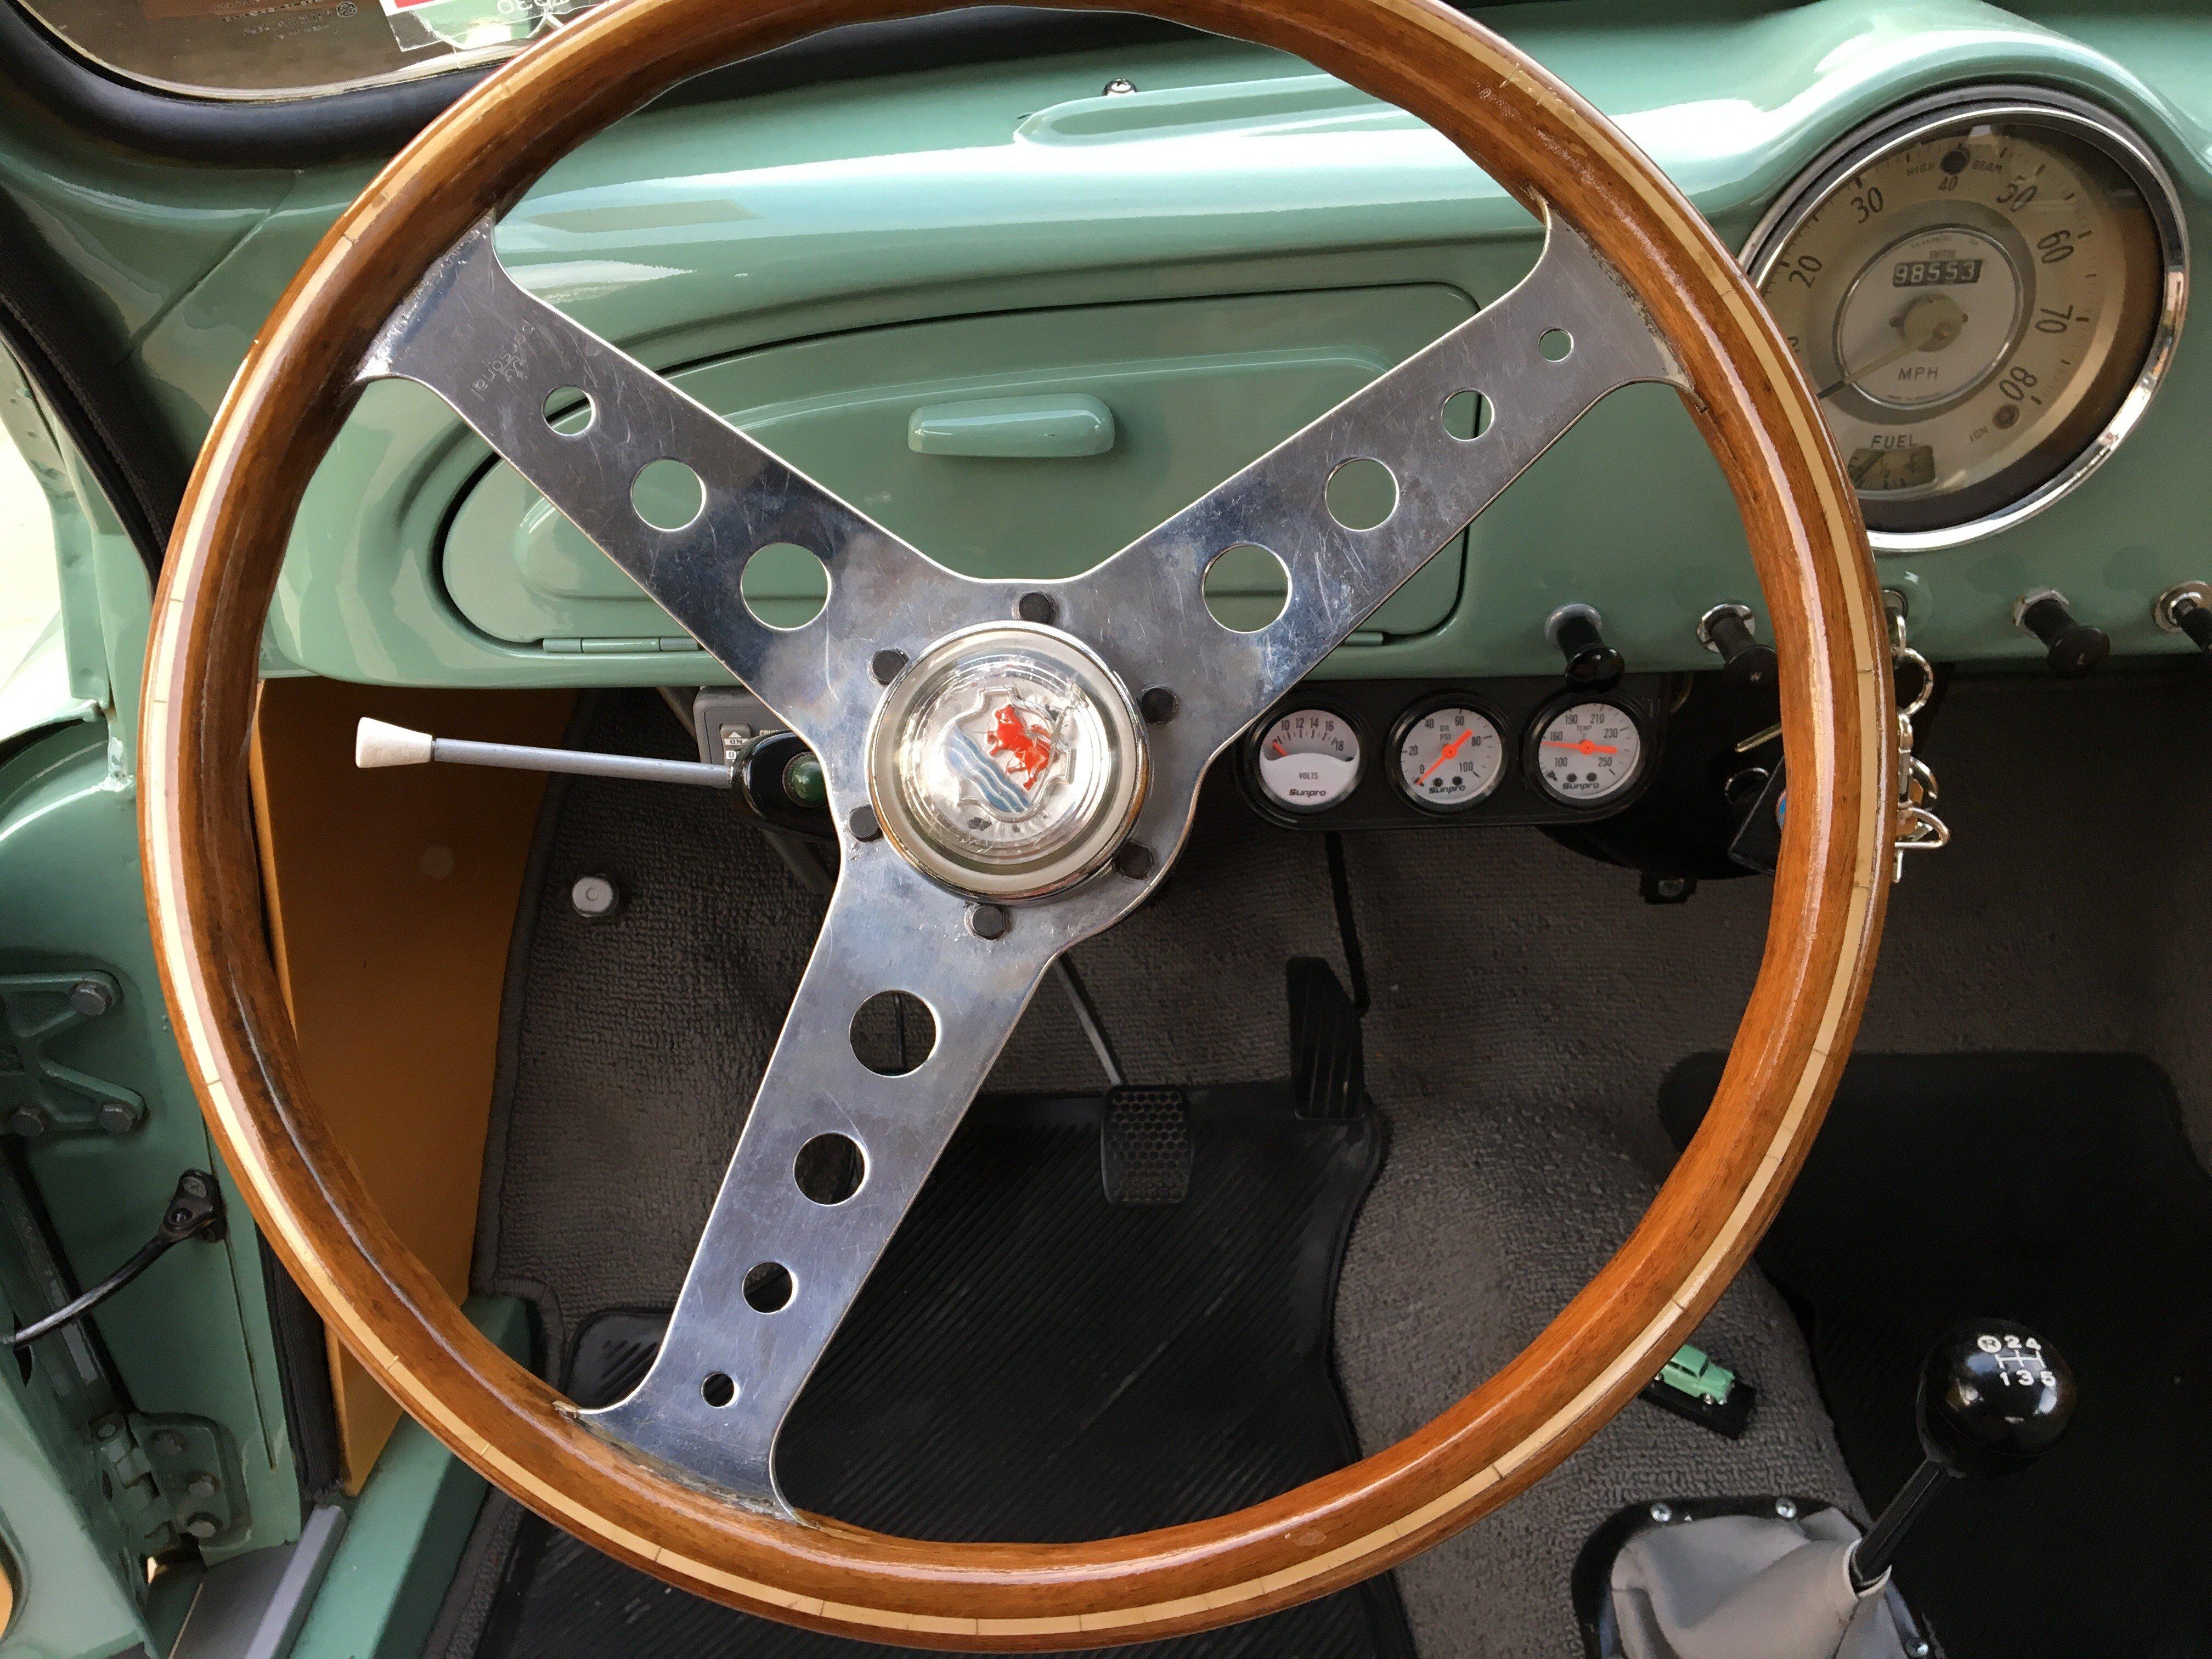 Morris Minor Fuse Box Diagram 29 Wiring Images Classic Car 1958 Import Classics 100830942 1085ae0f52c1ab31cafe021dce923cf0w1280h